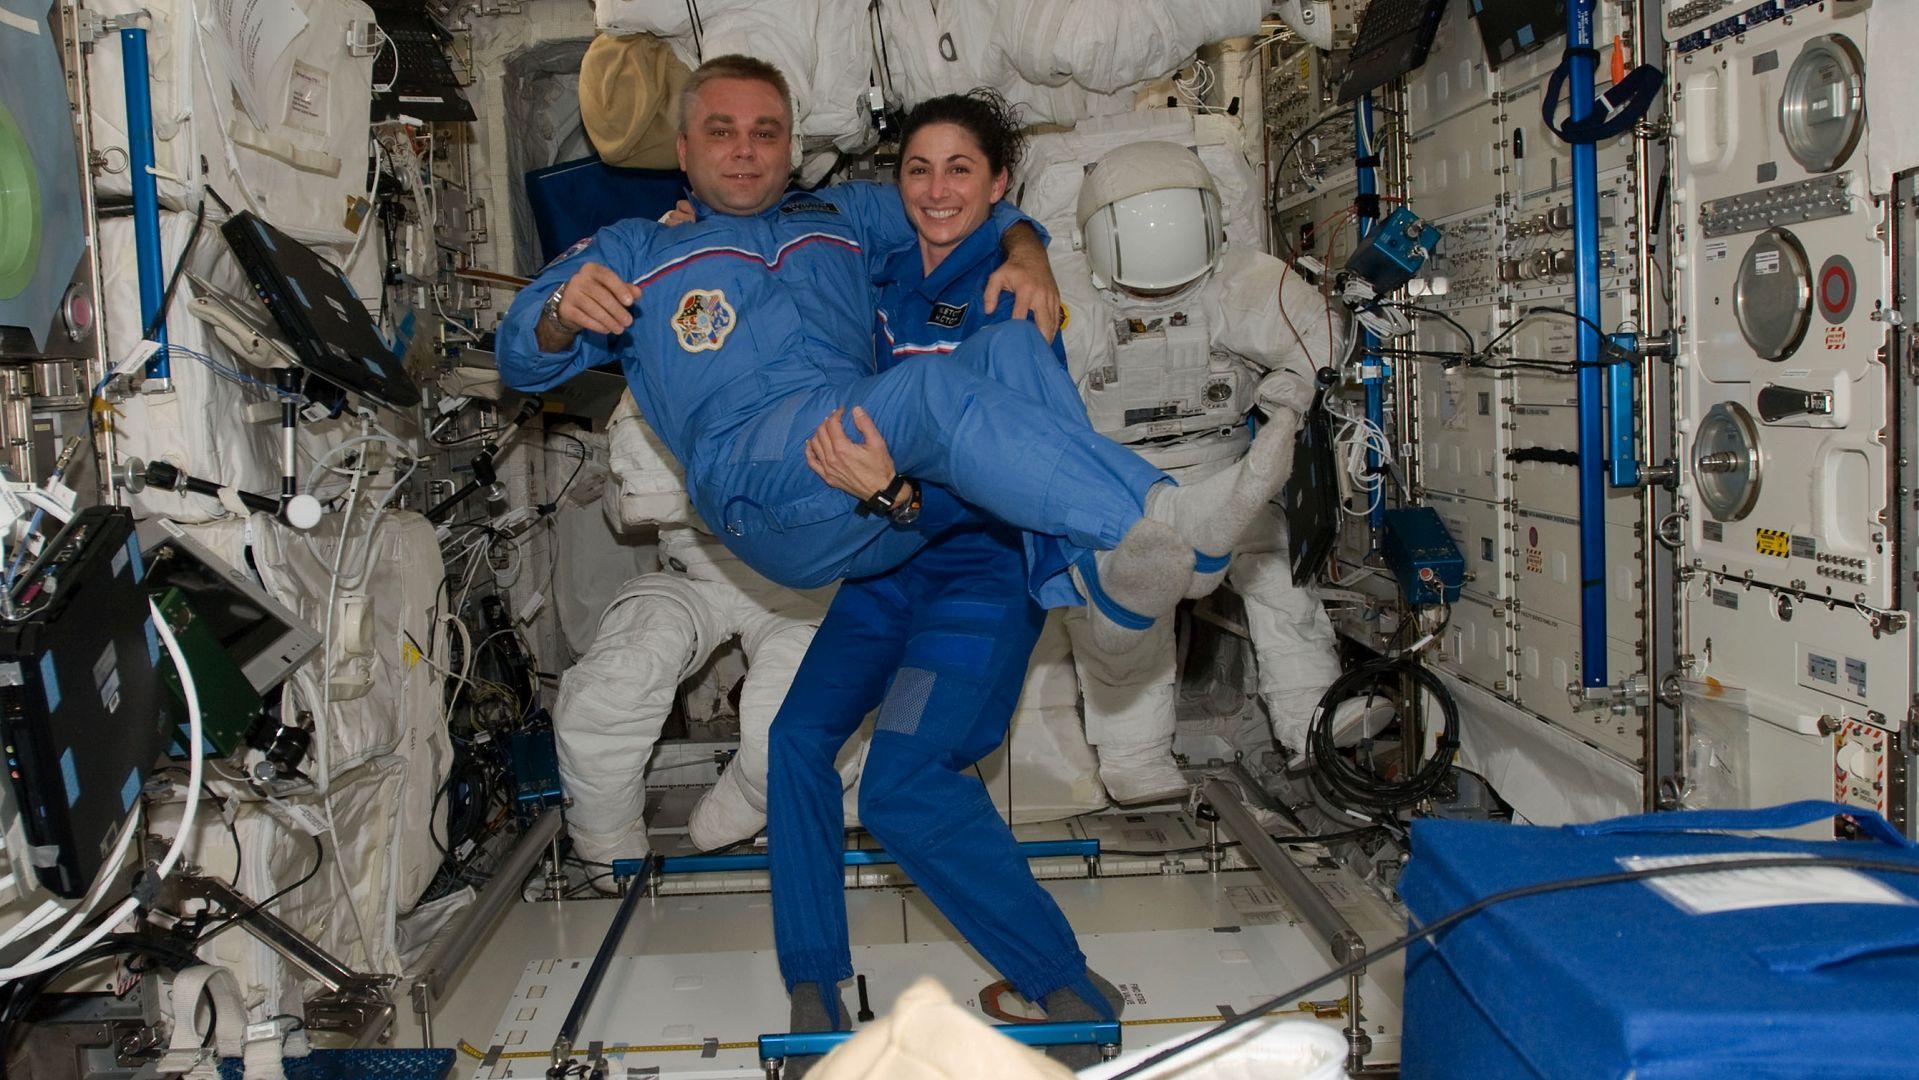 Nicole Stott z kolegą z misji. Grawitacji brak, więc jest lekki jak piórko